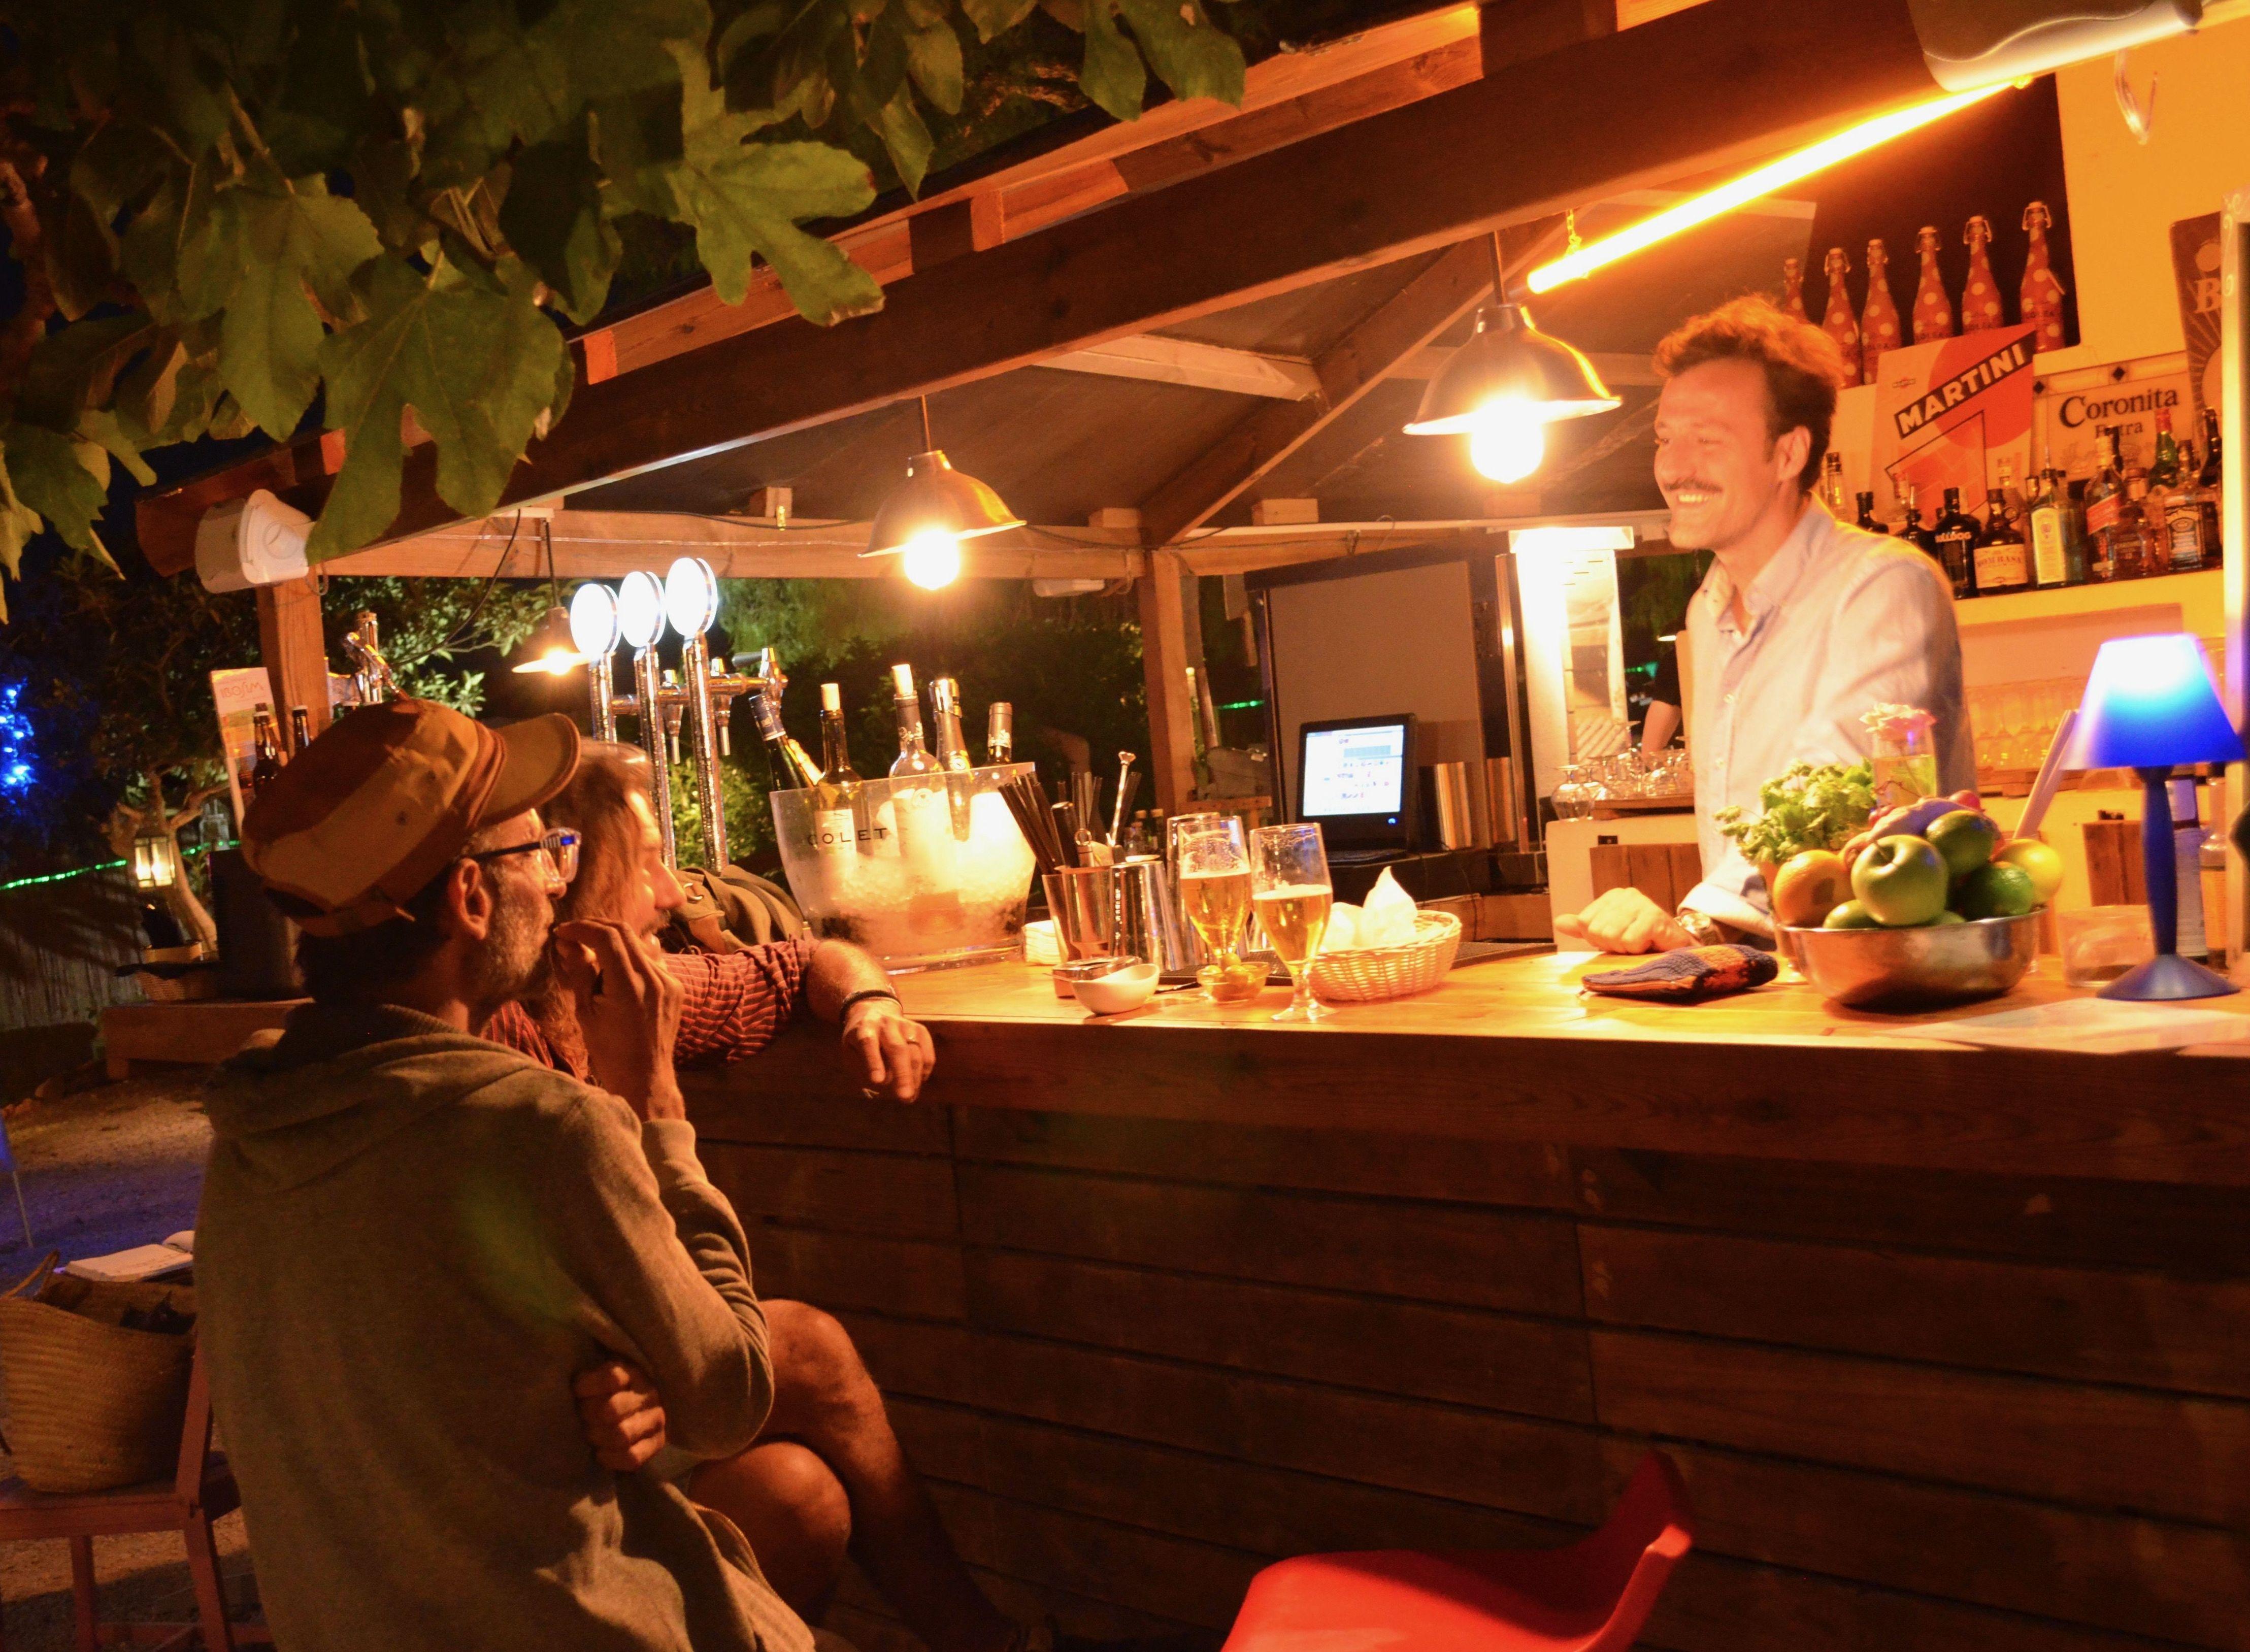 Foto 11 de Cocina mediterránea en Santa Eulària des Riu | Restaurante Parrilla con huerto propio